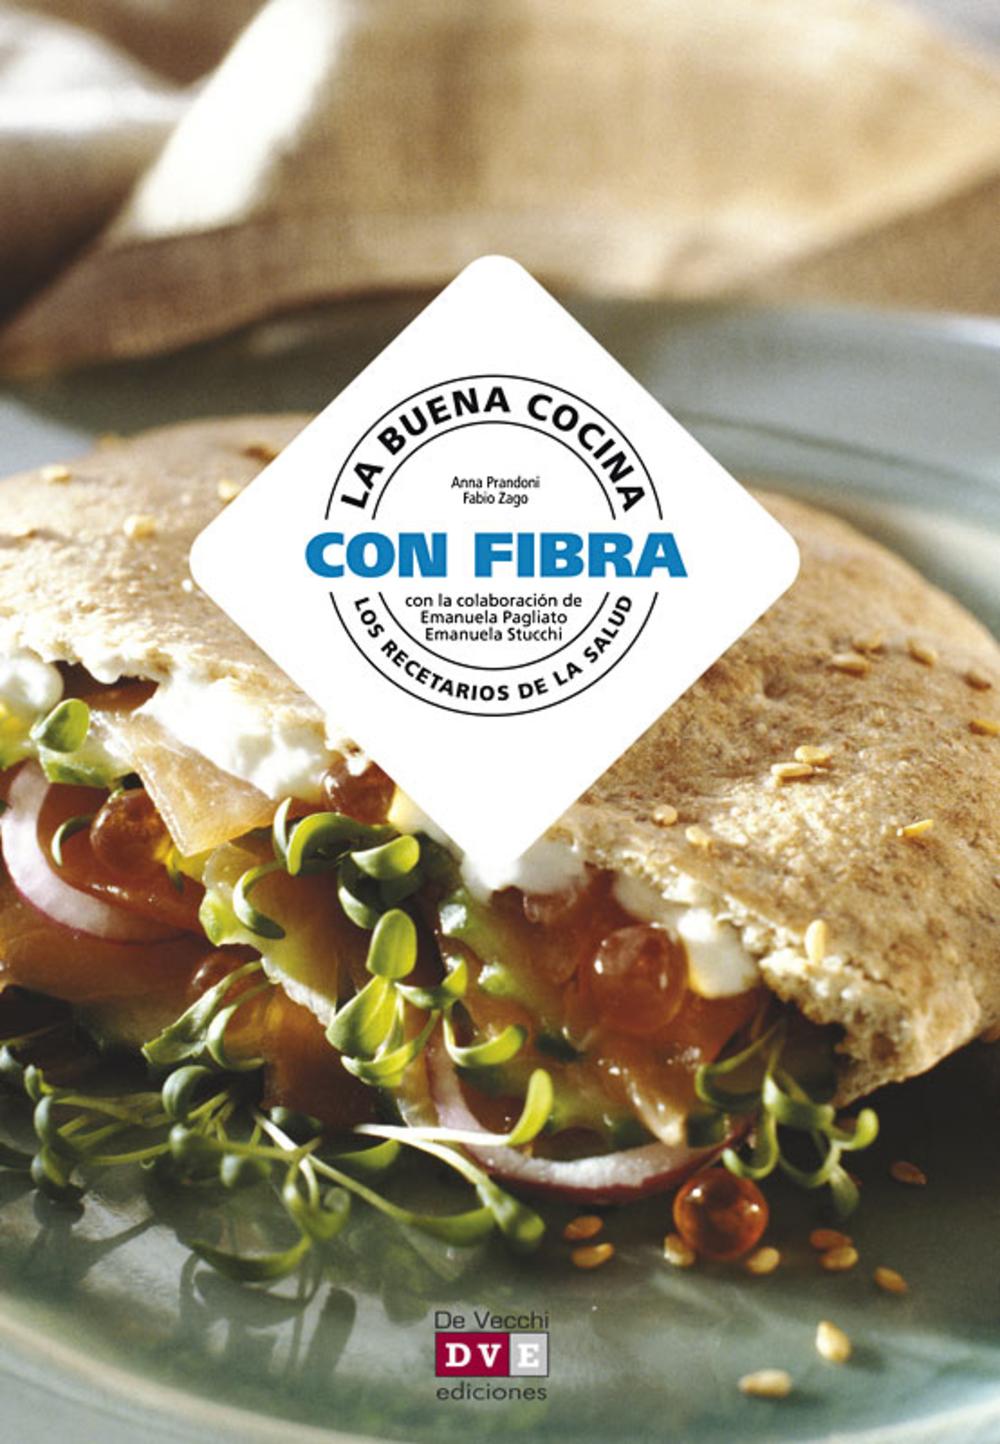 La buena cocina con fibra